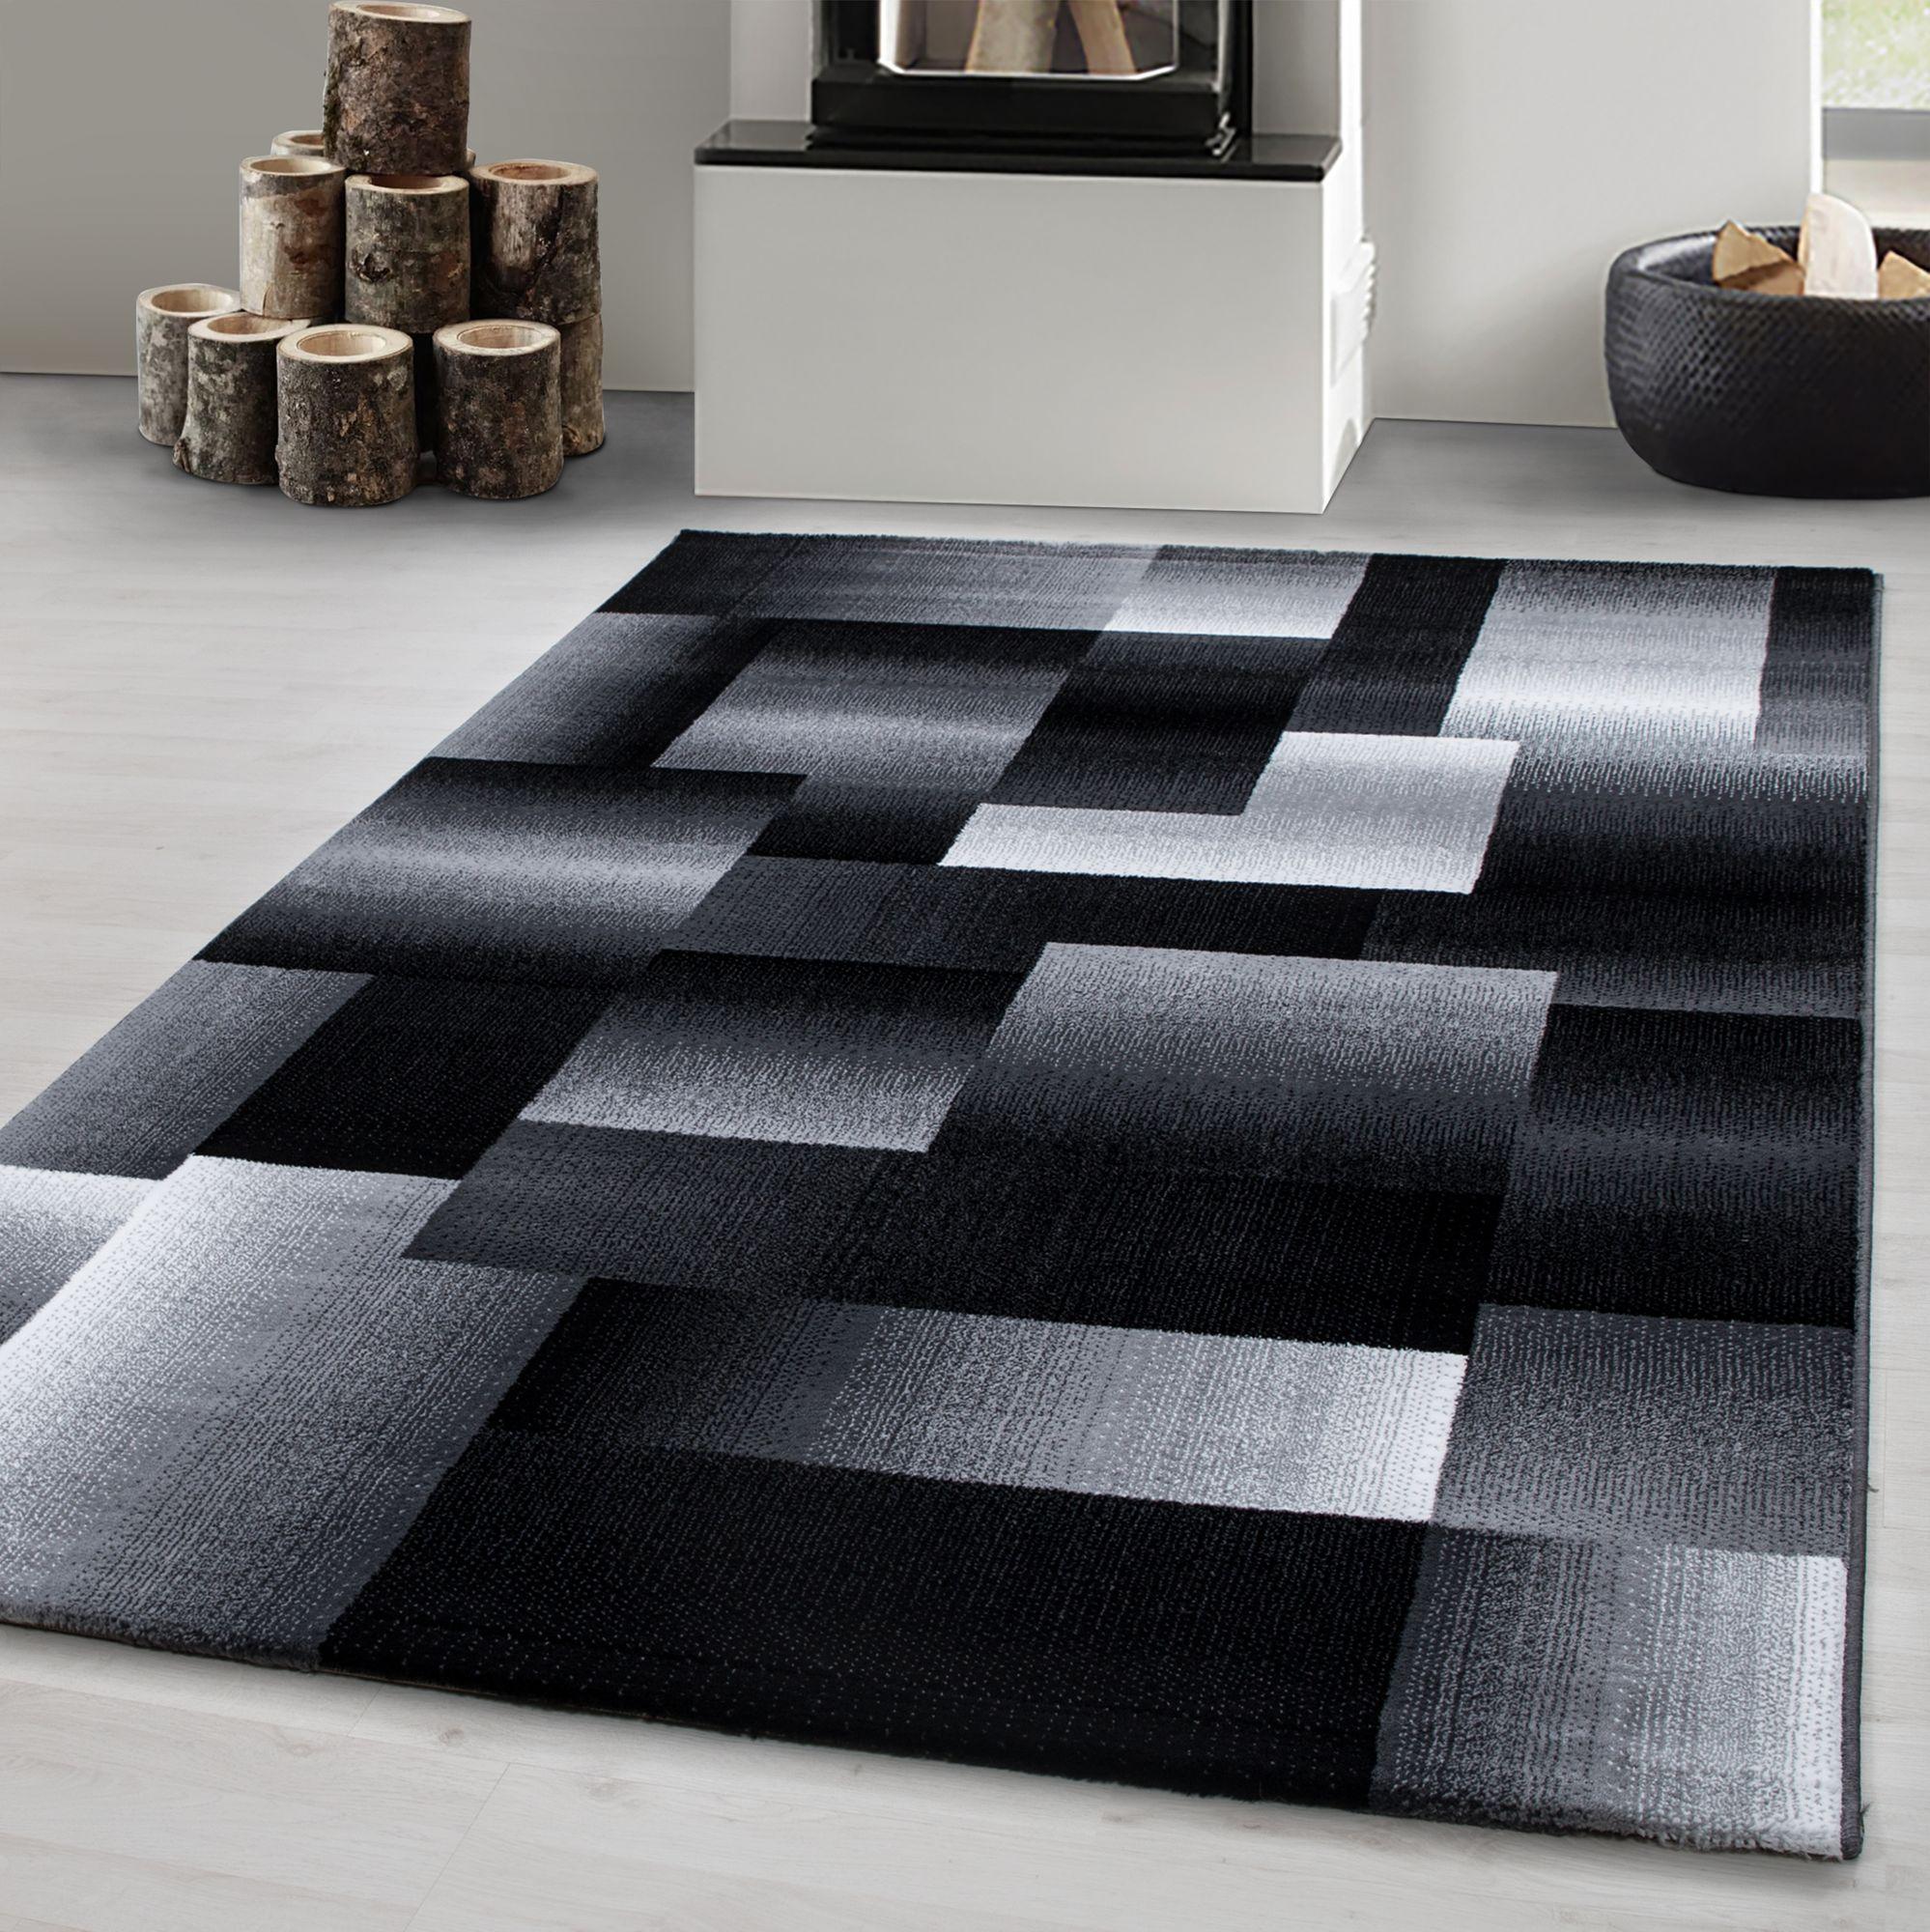 Details zu Teppich modern Designer Wohnzimmer Abstrakt Kariert Muster  Schwarz Grau Weiß